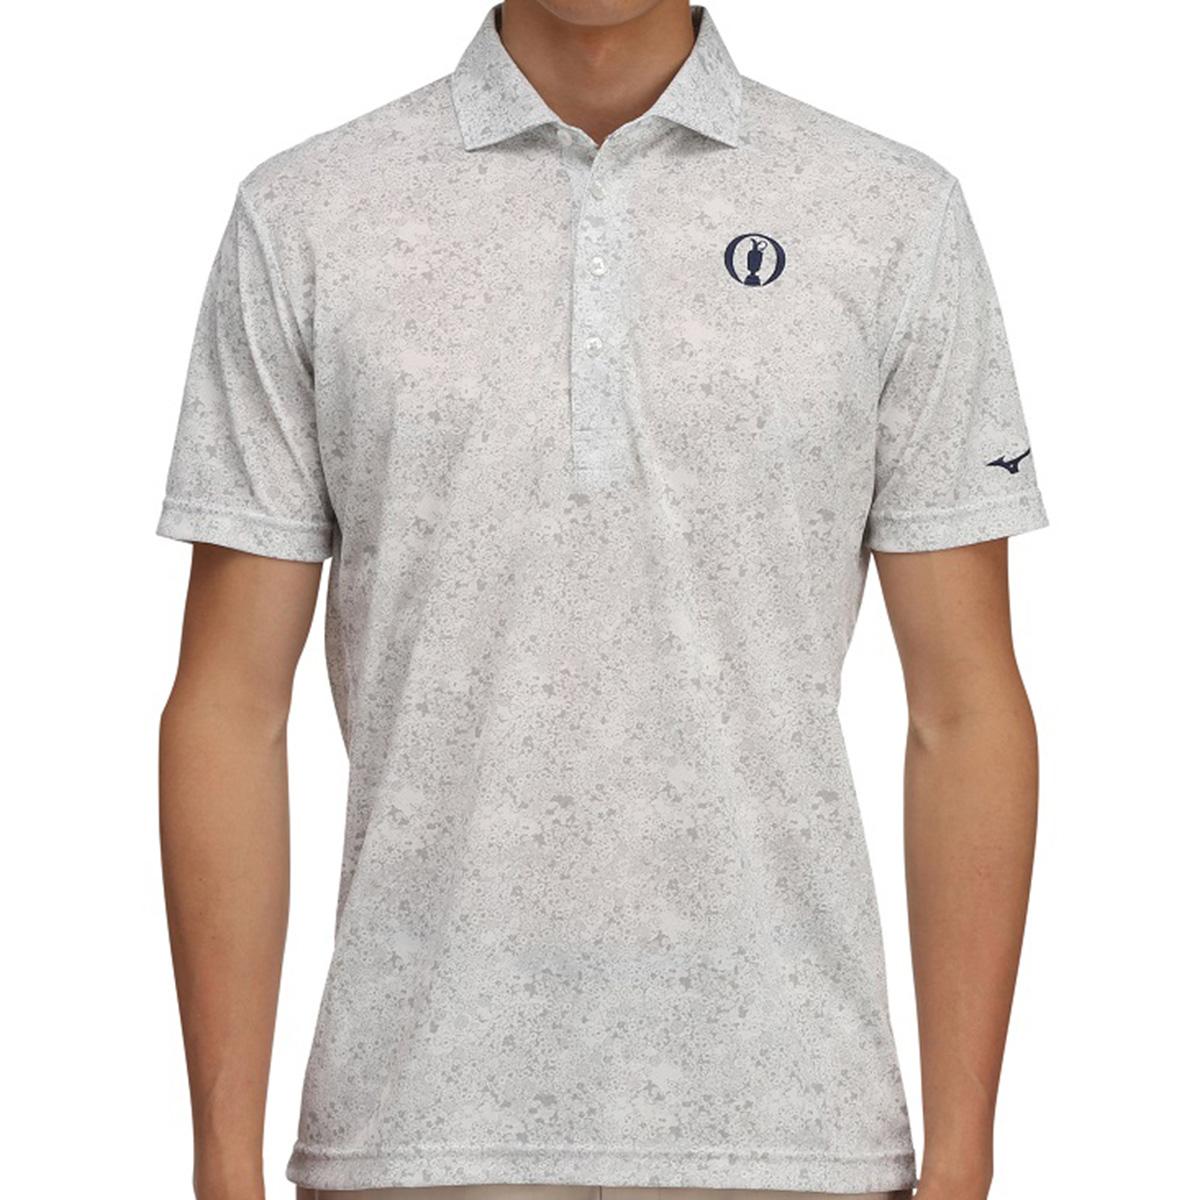 THE OPEN 半袖ポロシャツ